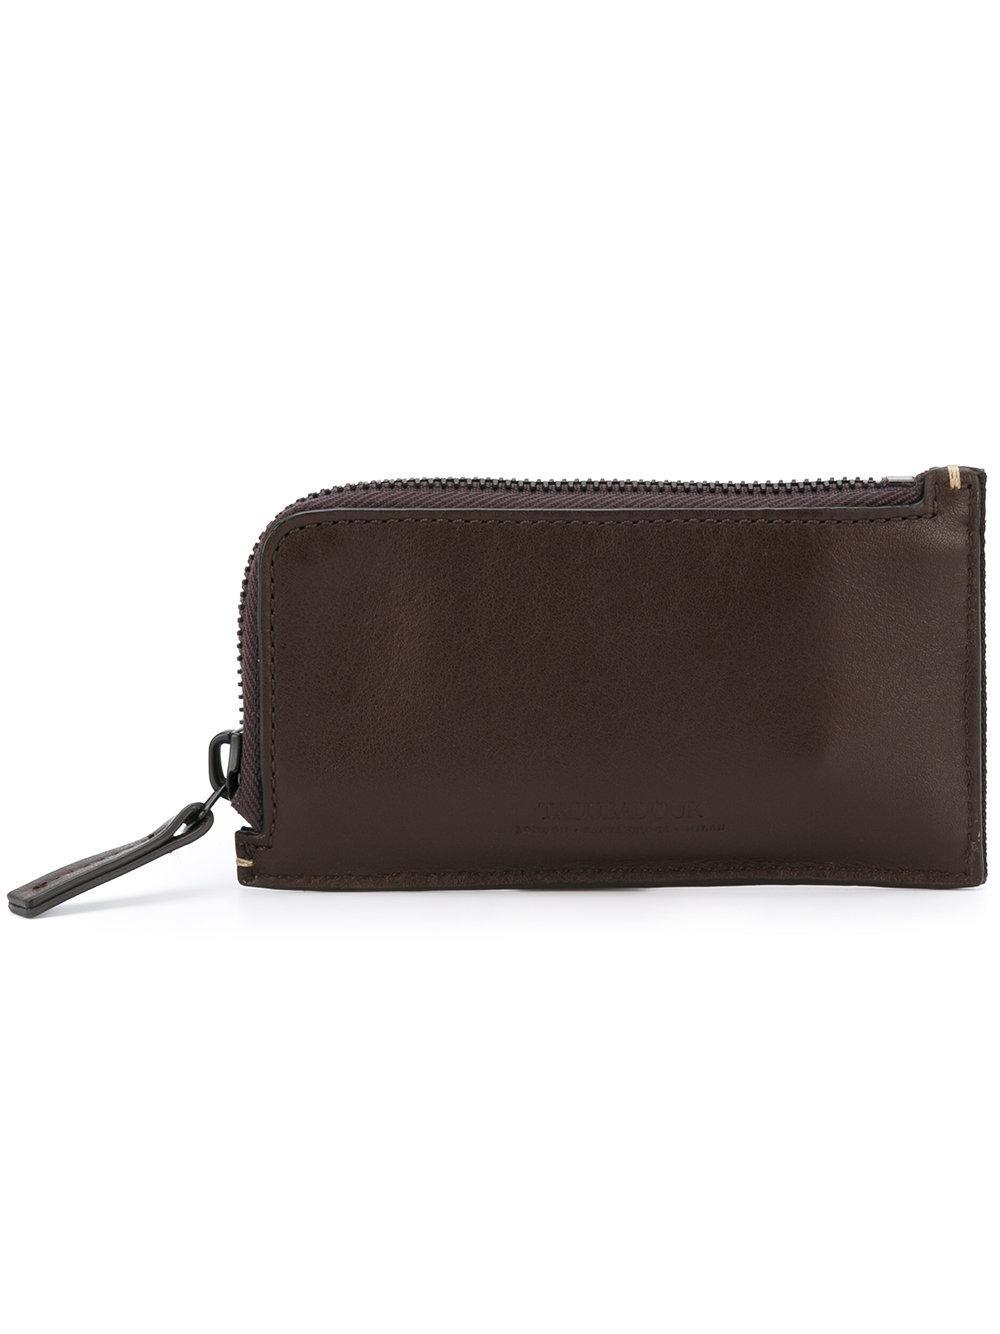 Troubadour Zip Wallet